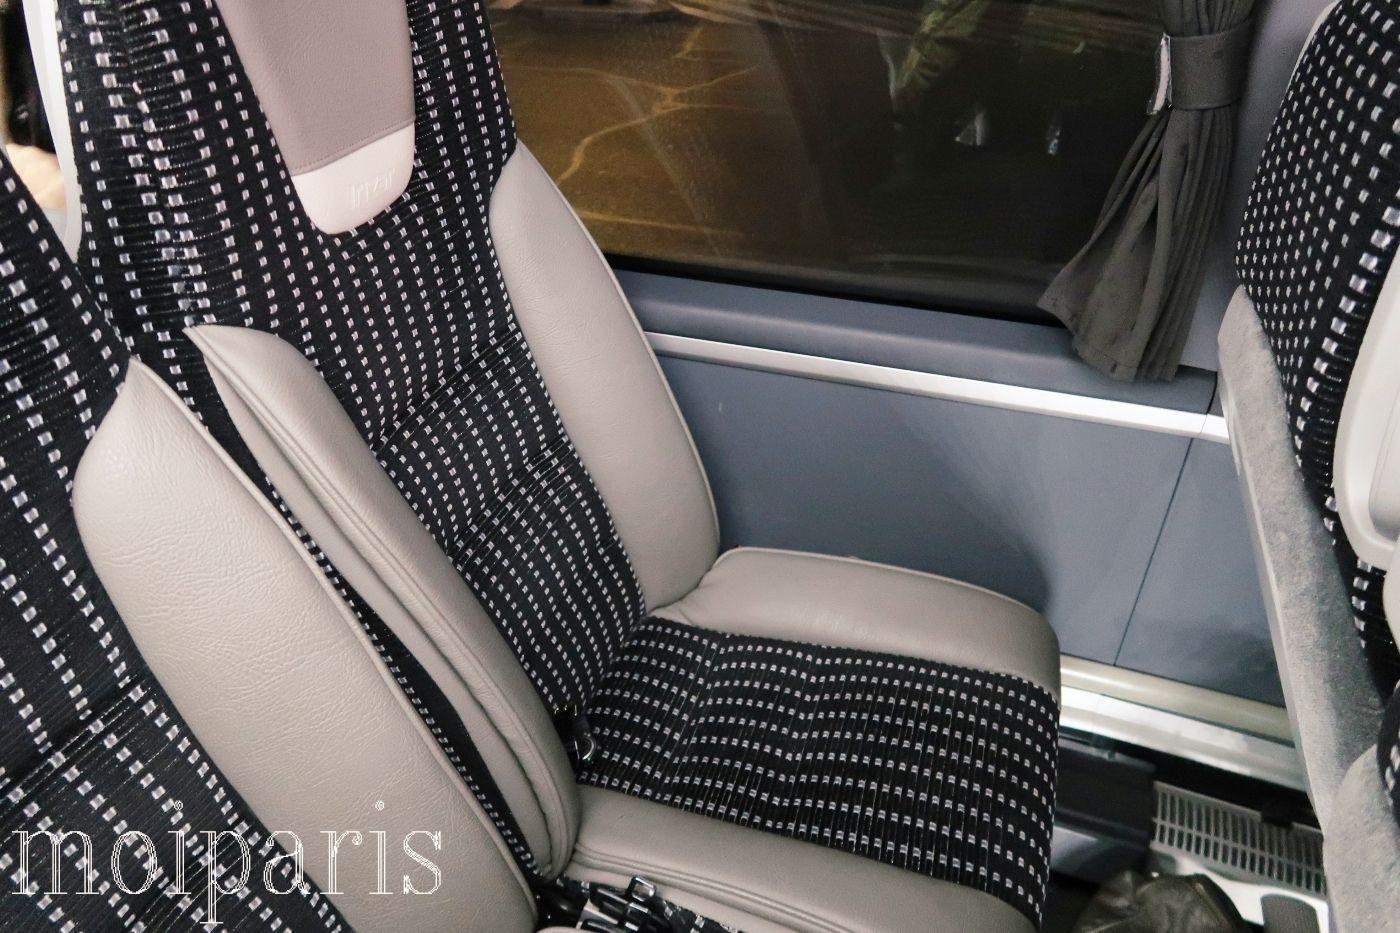 モンサンミッシェル旅行、バス、車内、シート周り。